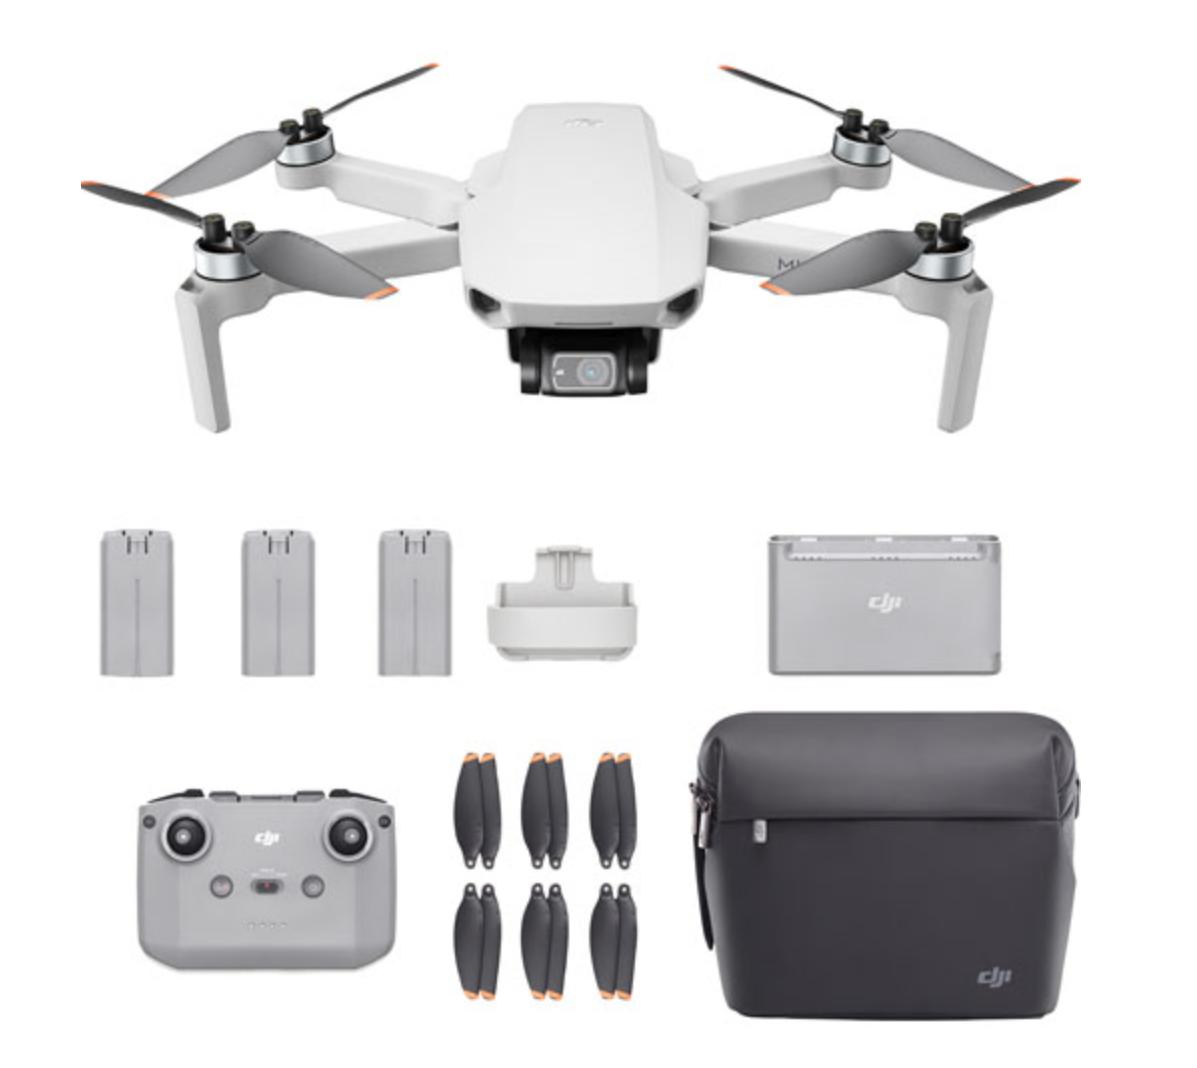 DJI mini quadcopter drone